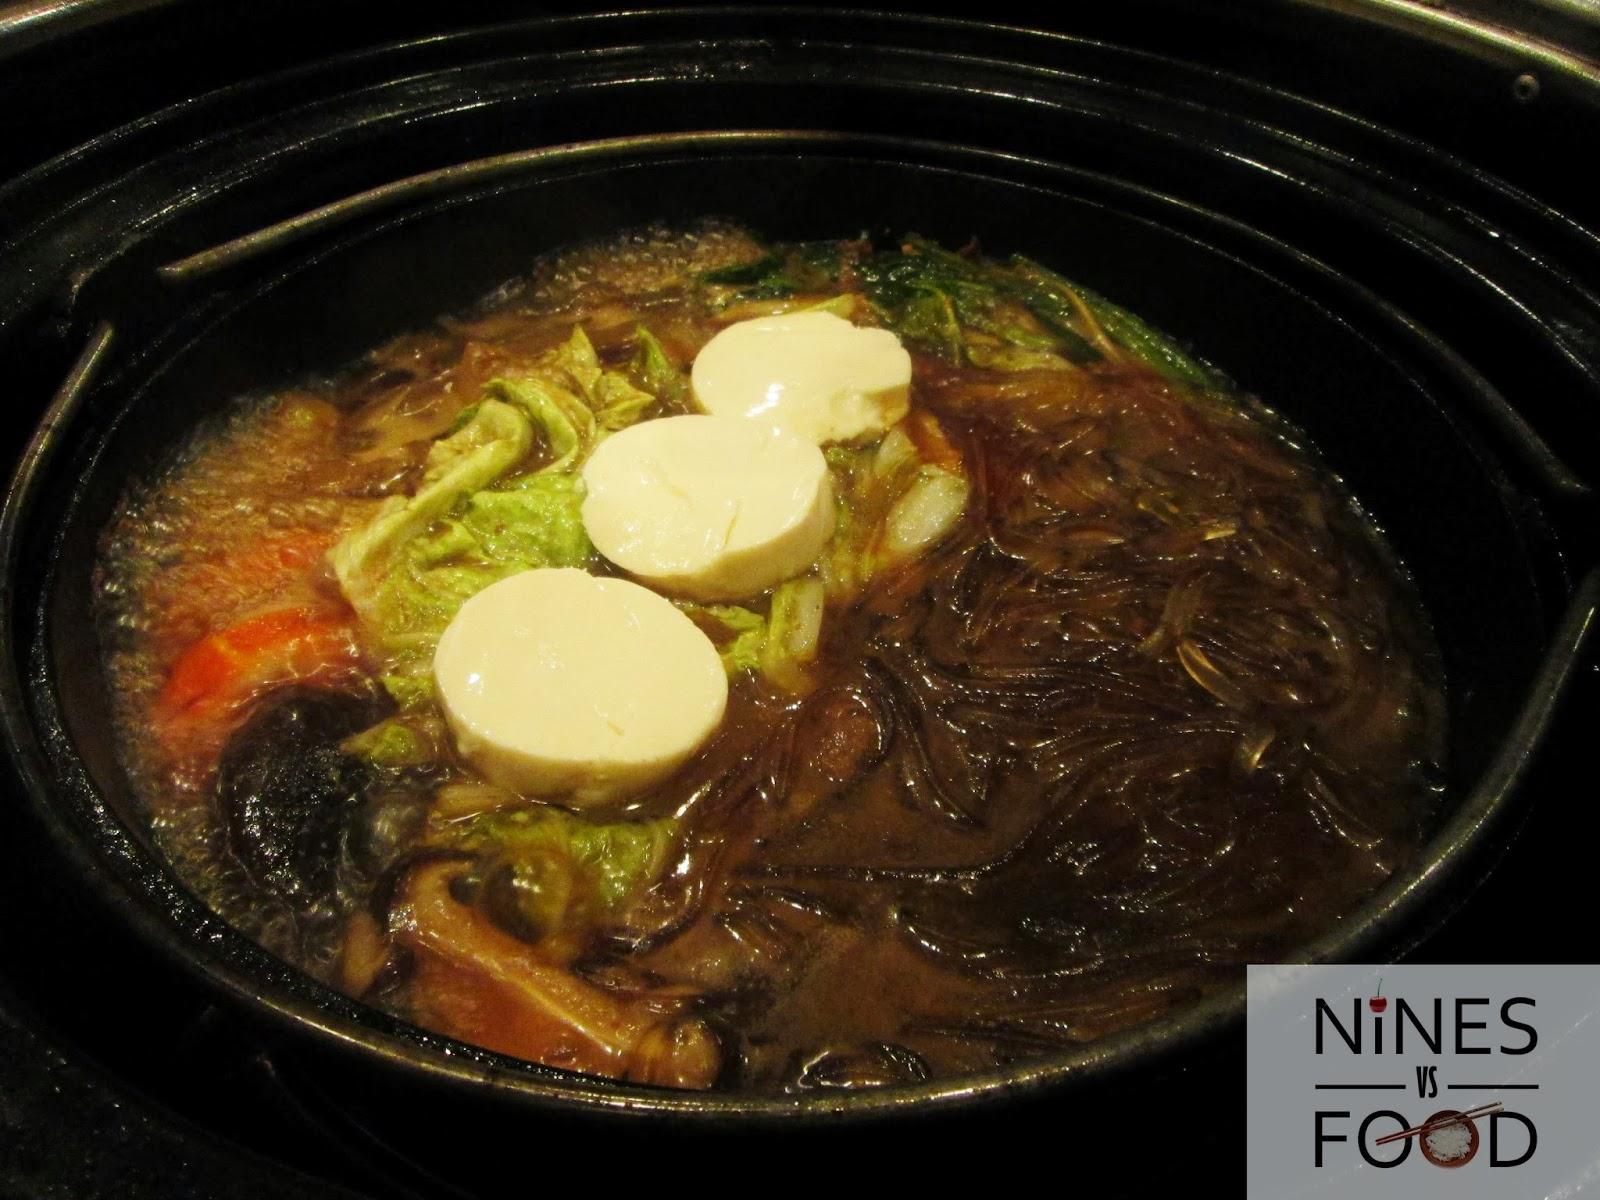 Nines vs. Food - Ogetsu Hime SM Aura Taguig-30.jpg